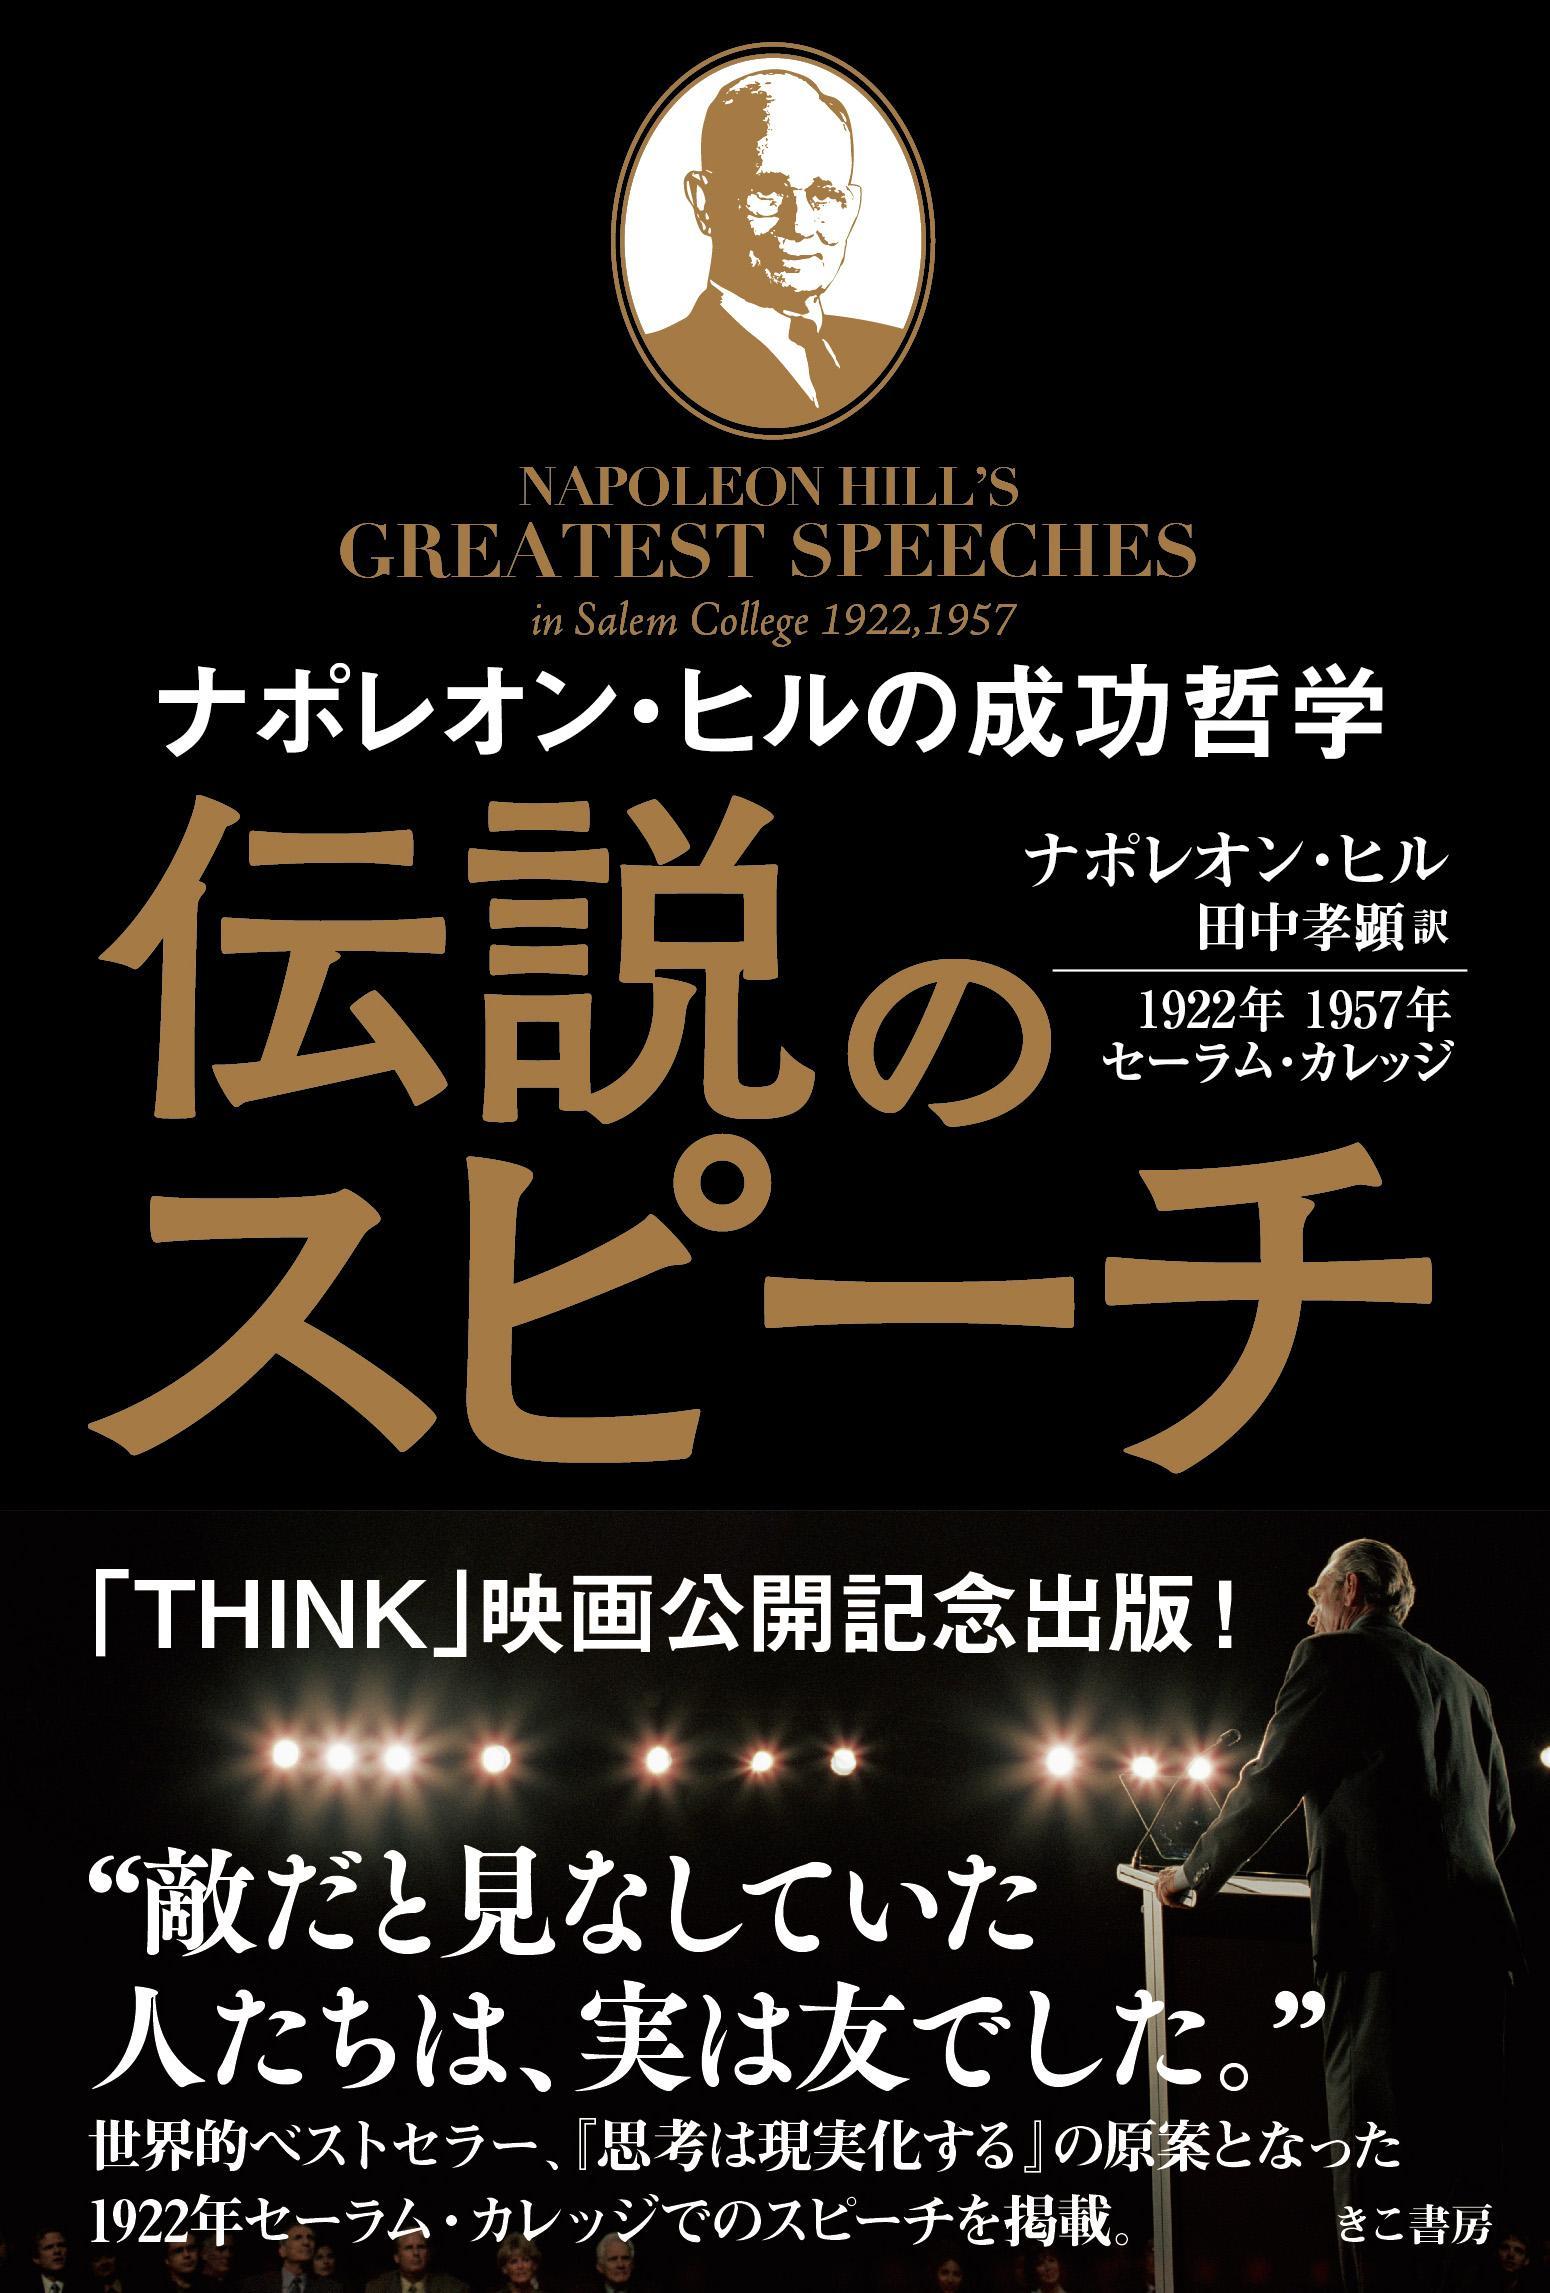 表紙:ナポレオン・ヒルの成功哲学 伝説のスピーチ